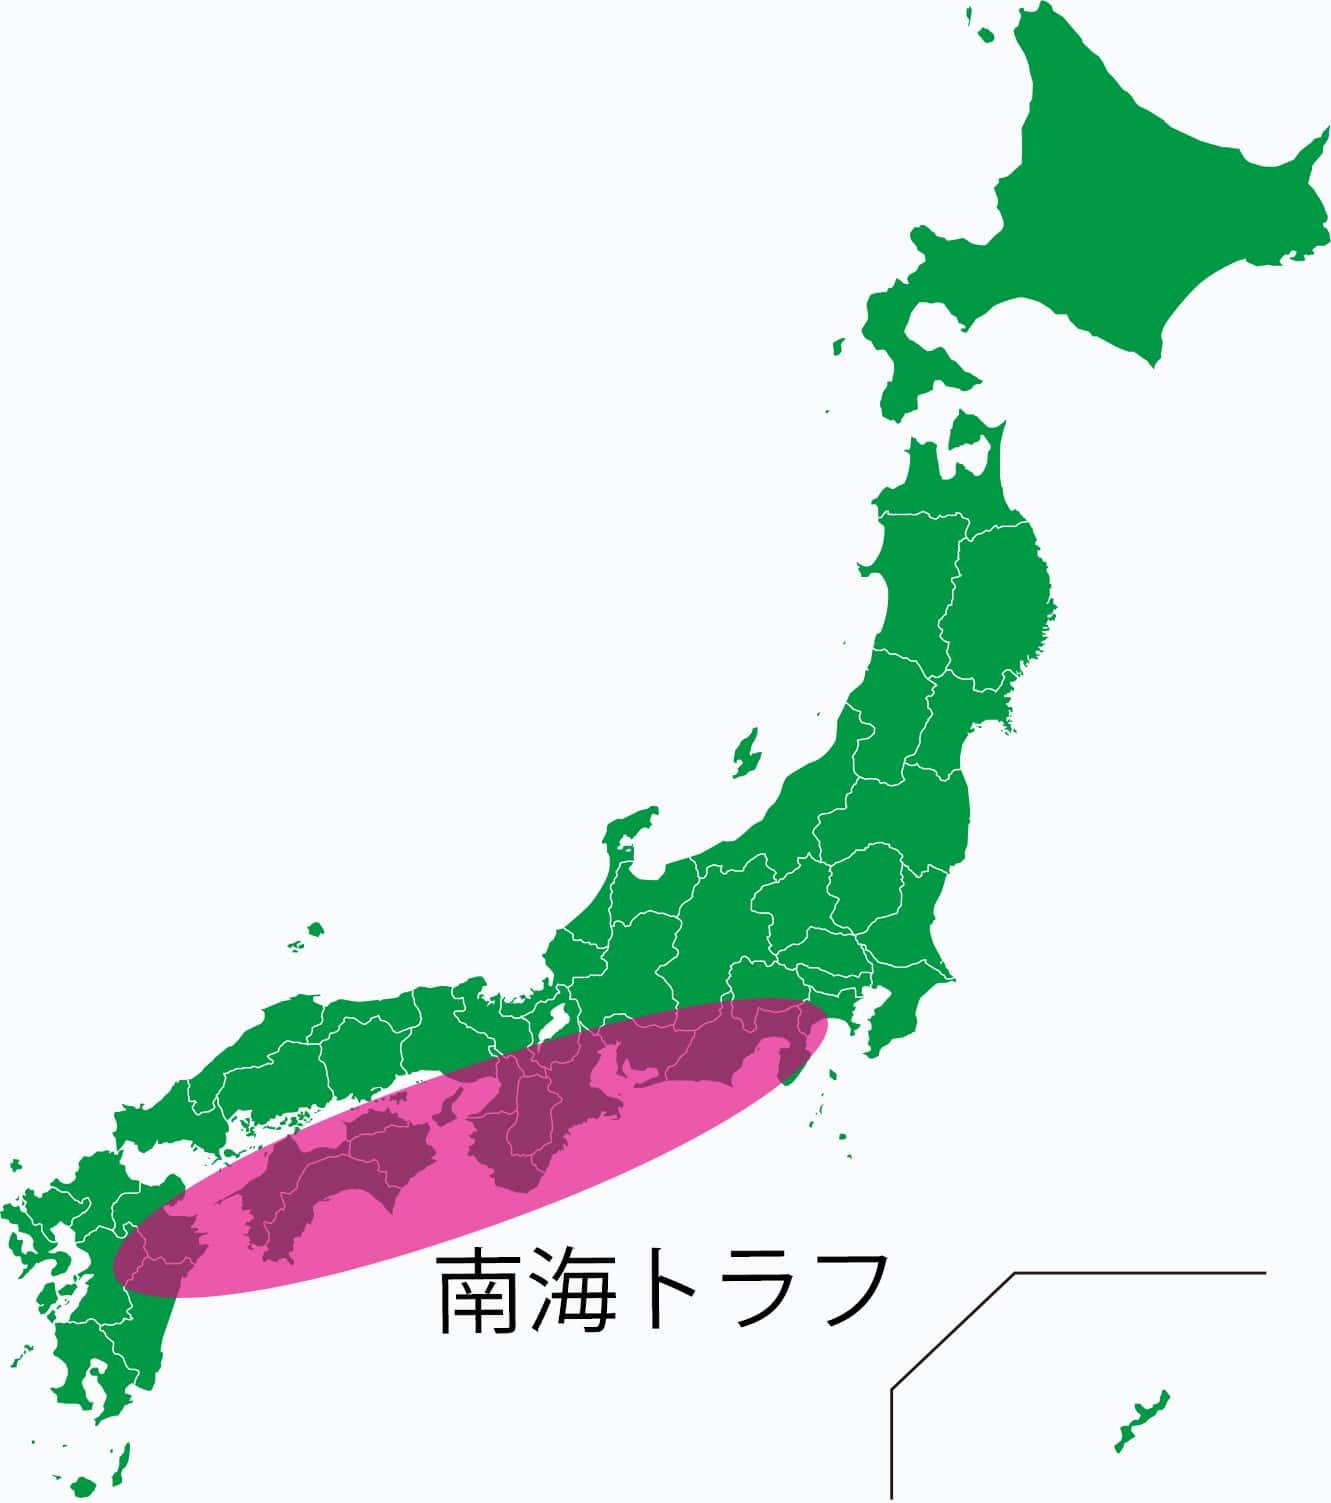 地震は日本のどこでも起こりうる